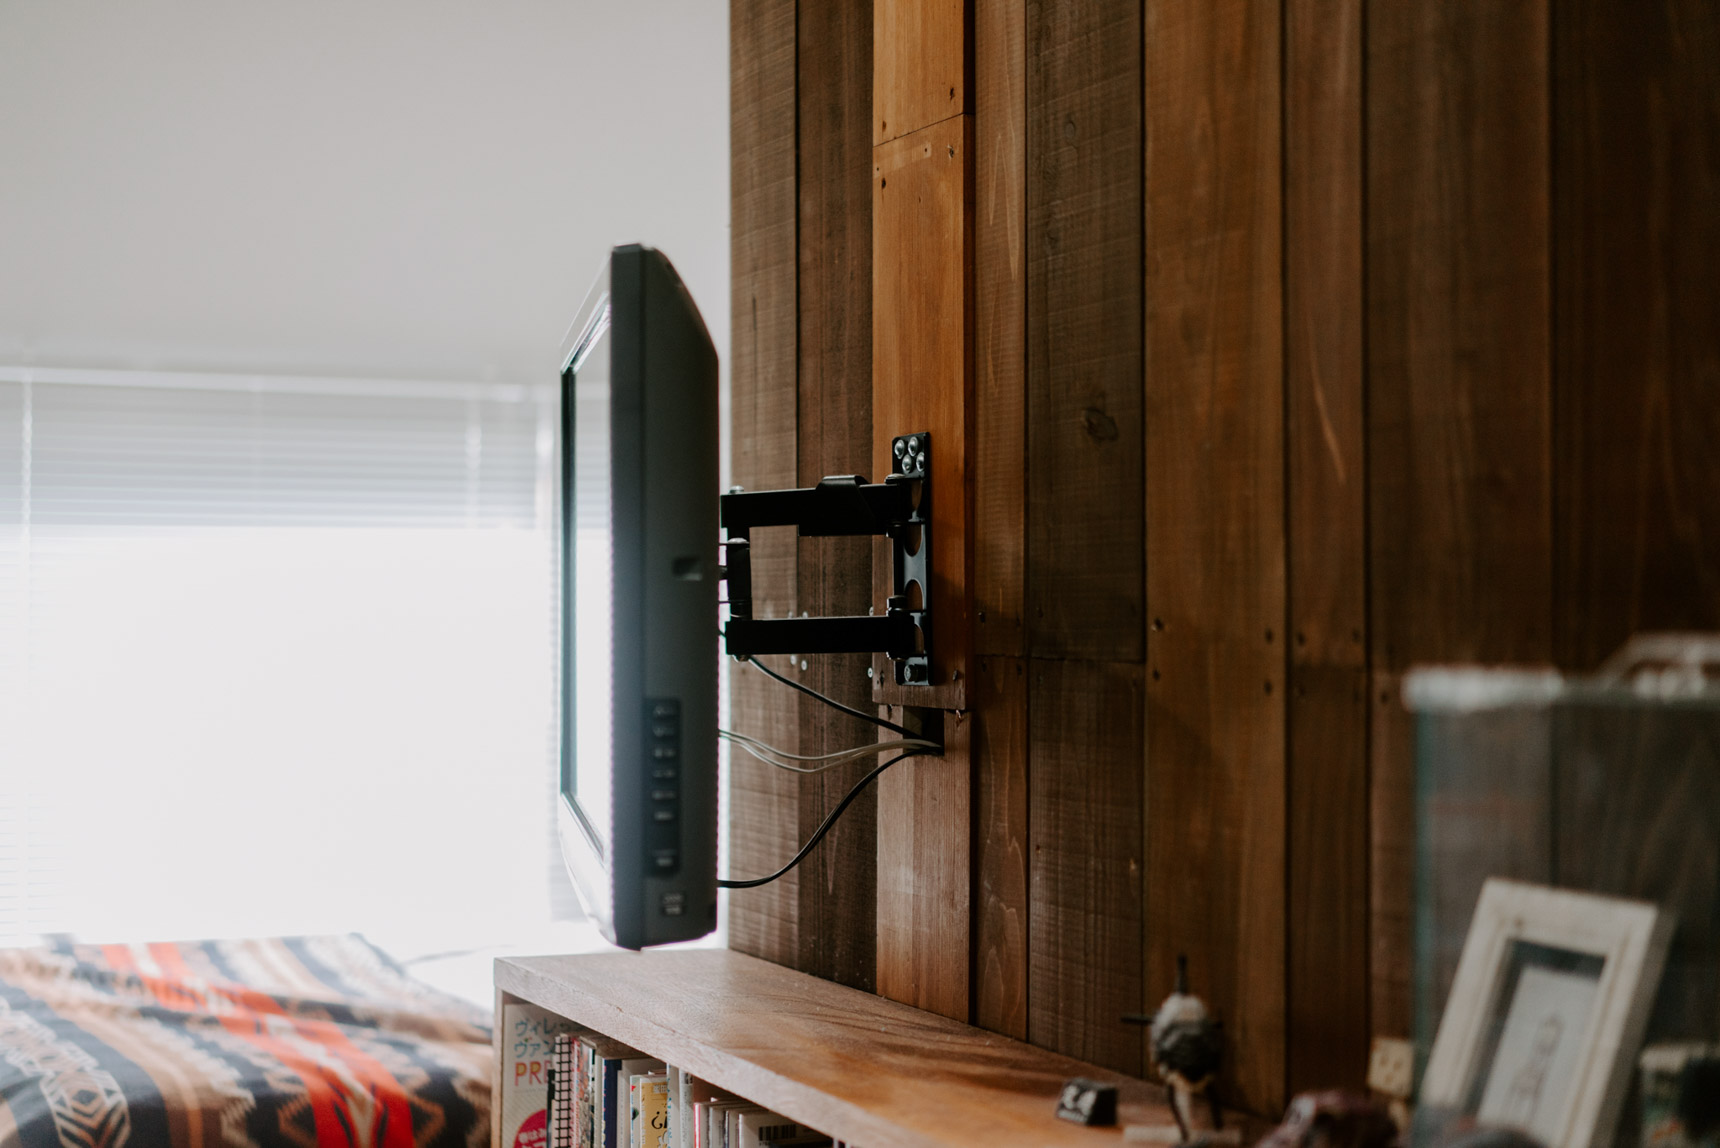 こちらのお部屋では、スチールラックの背面に木材を設置、その上に釘付けしてモニターを設置していました。テレビが浮いていると、見た目もスッキリしますし、掃除も楽ですね。